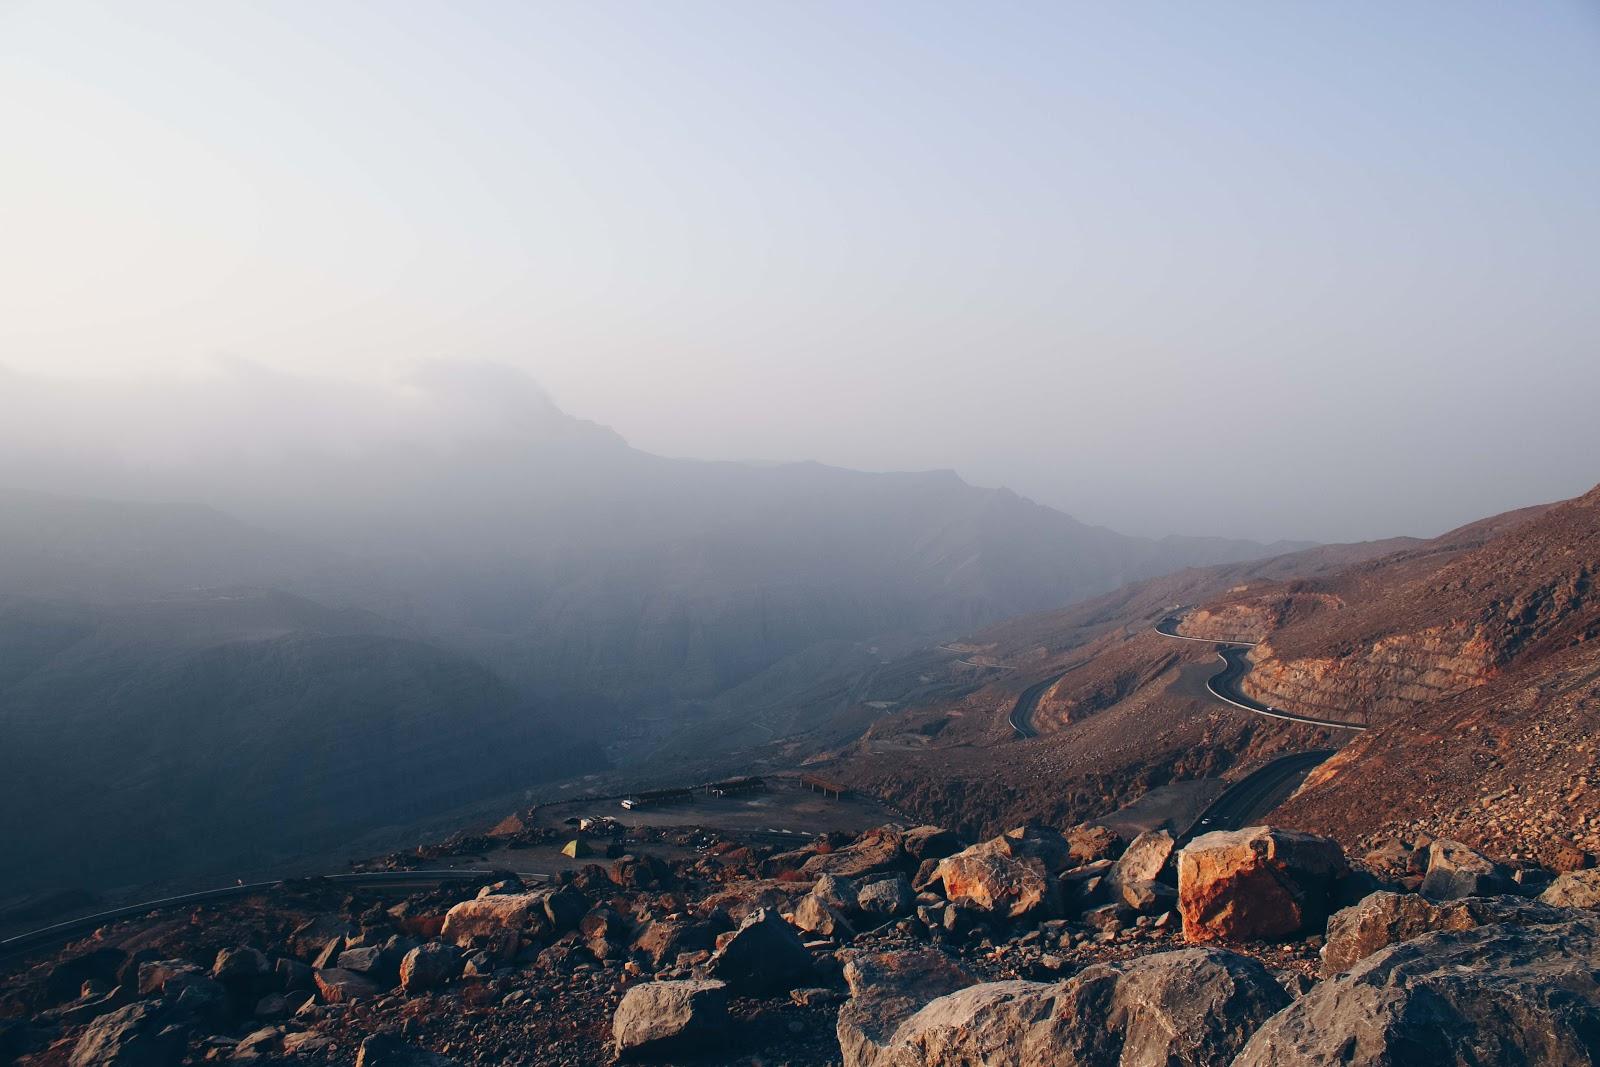 Jebel Jais mountain top photo